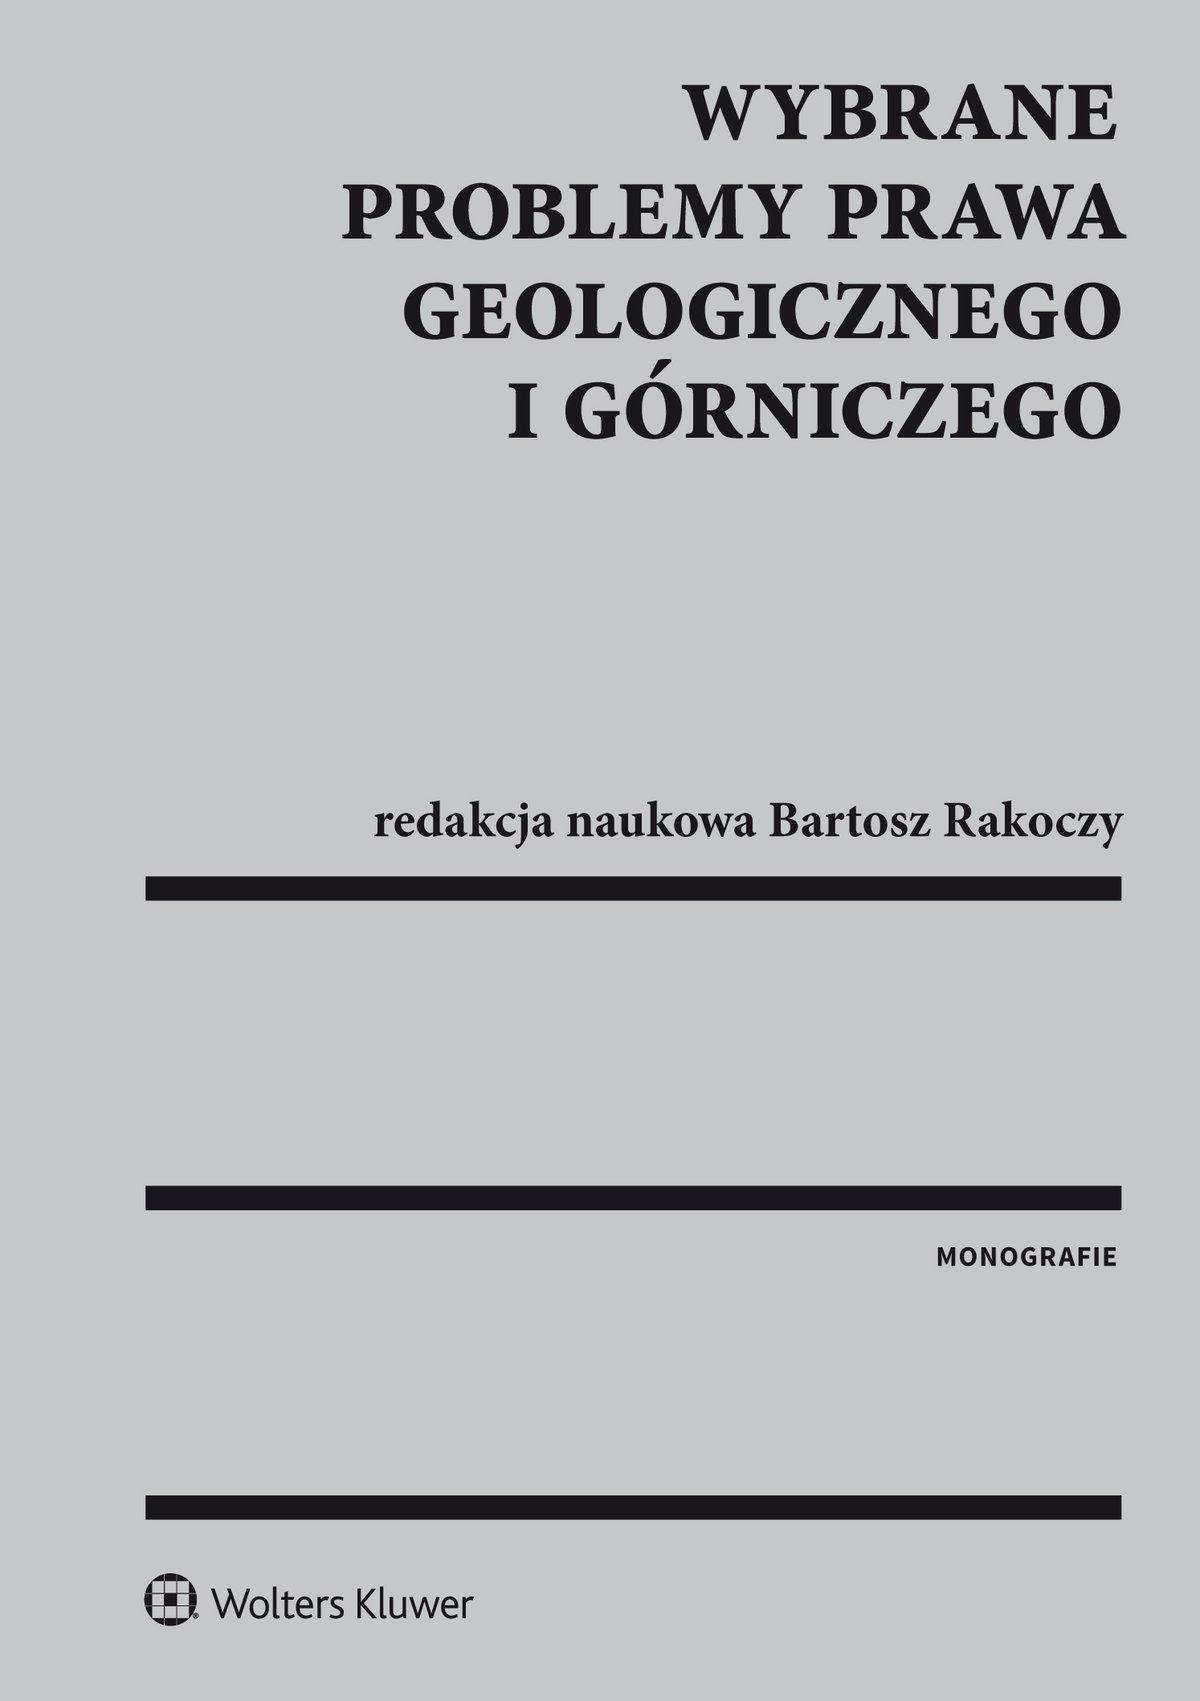 Wybrane problemy prawa geologicznego i górniczego - Ebook (Książka PDF) do pobrania w formacie PDF